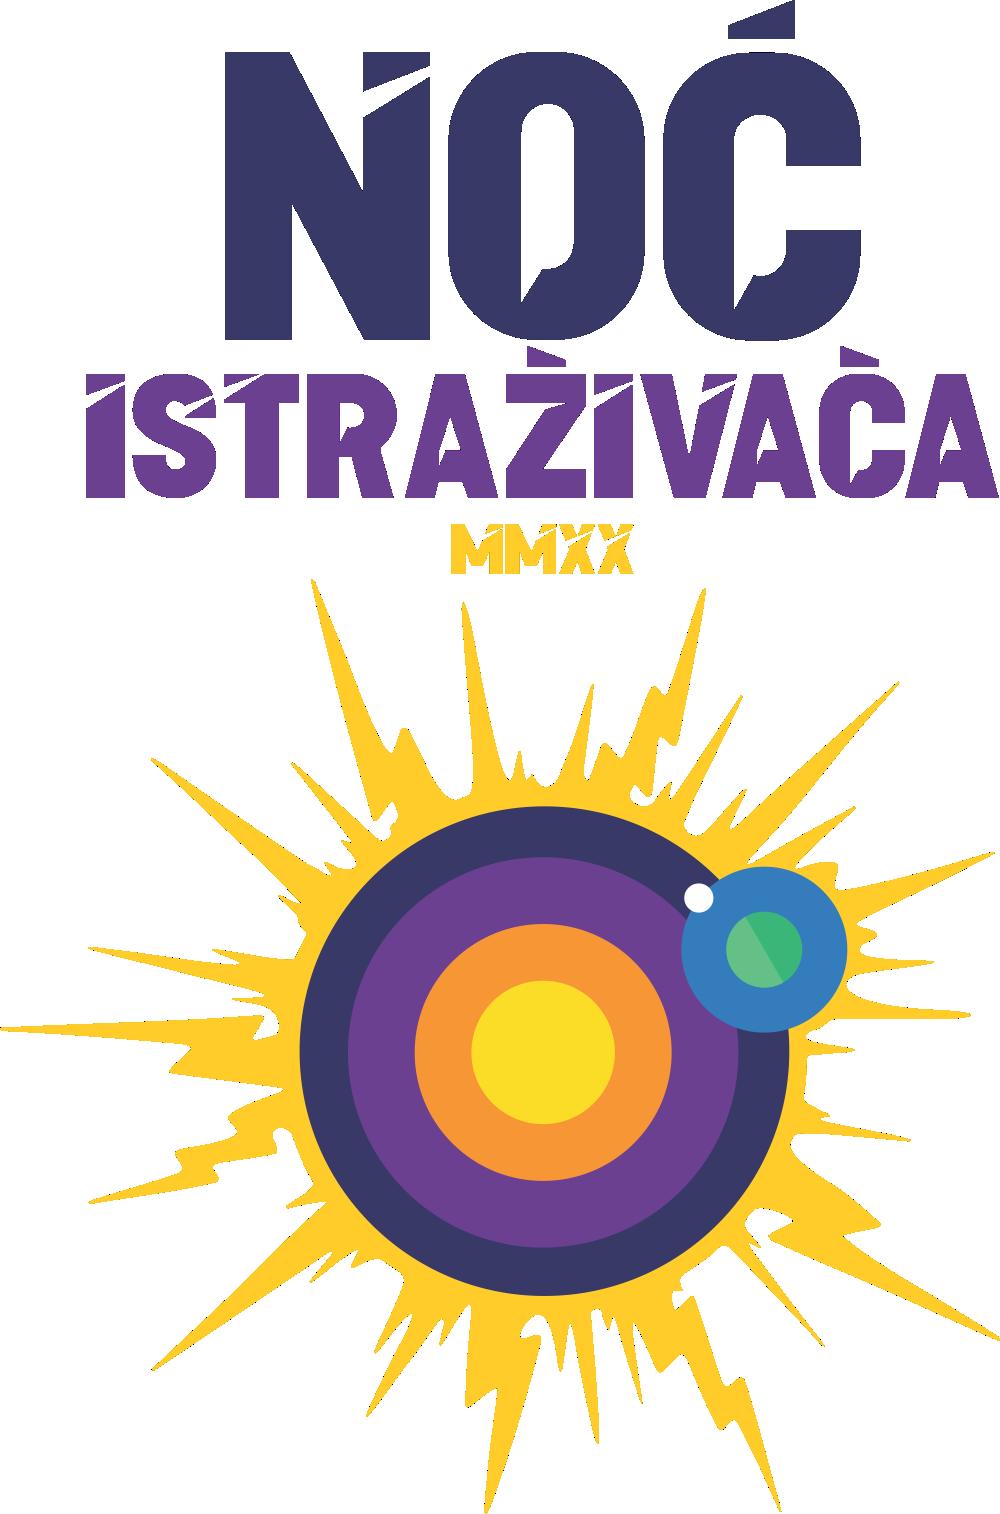 Недеља истраживача у Крагујевцу